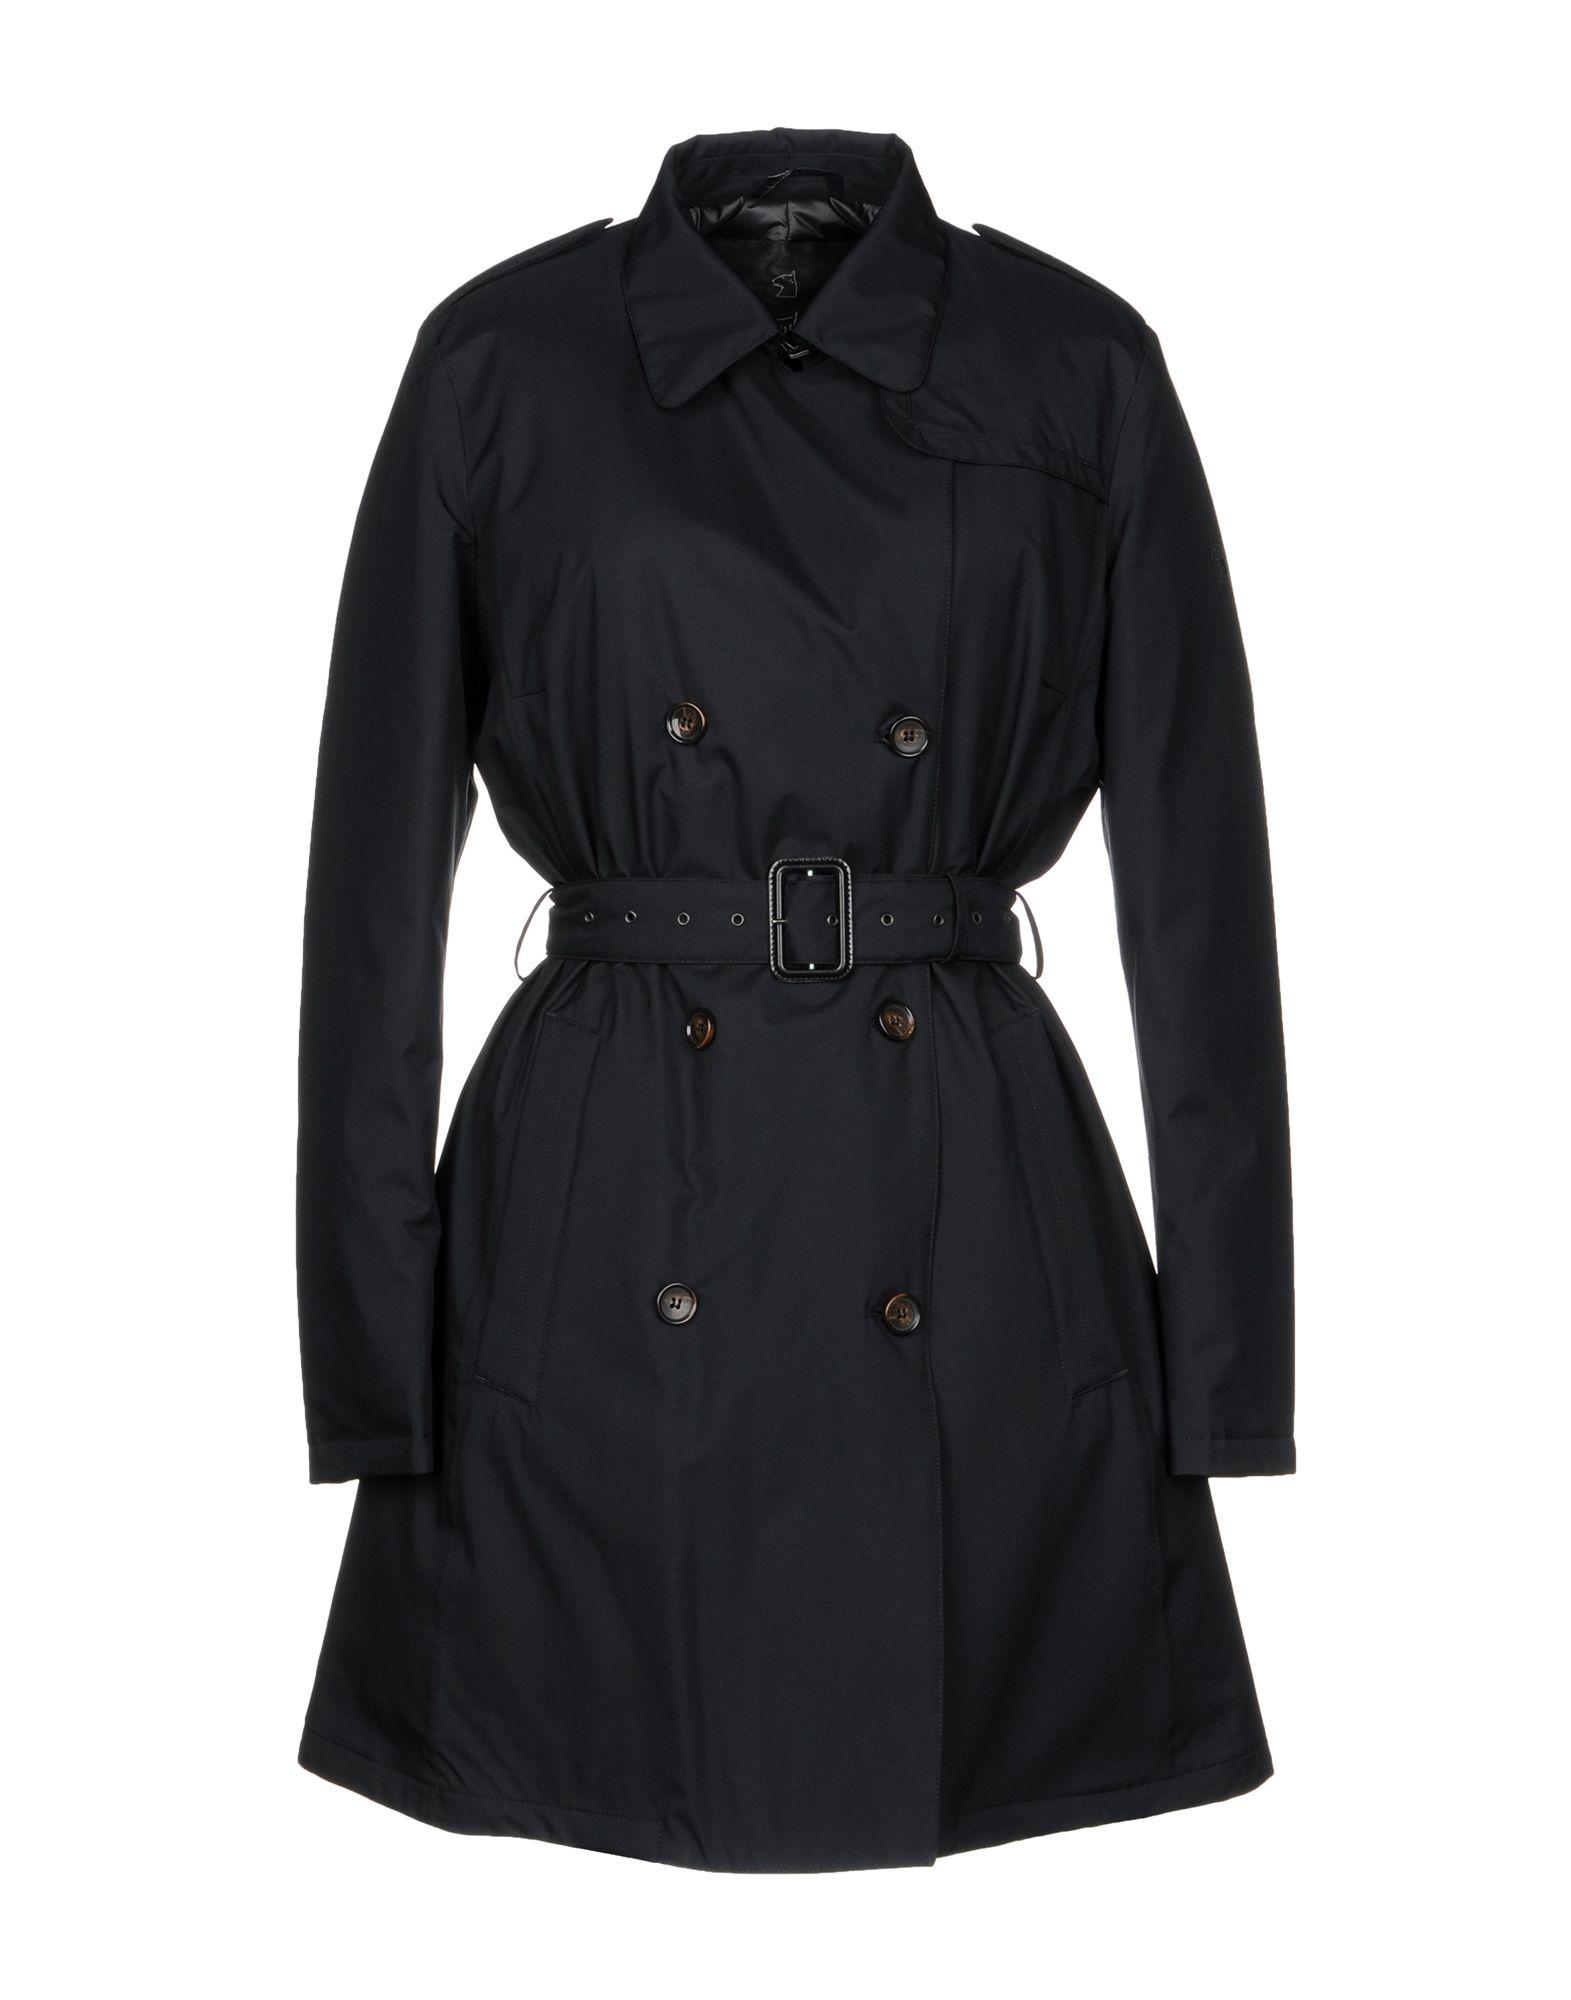 online retailer e278b 7e137 Acquista online Montecore Piumino su Donna q1ExawTp at ...